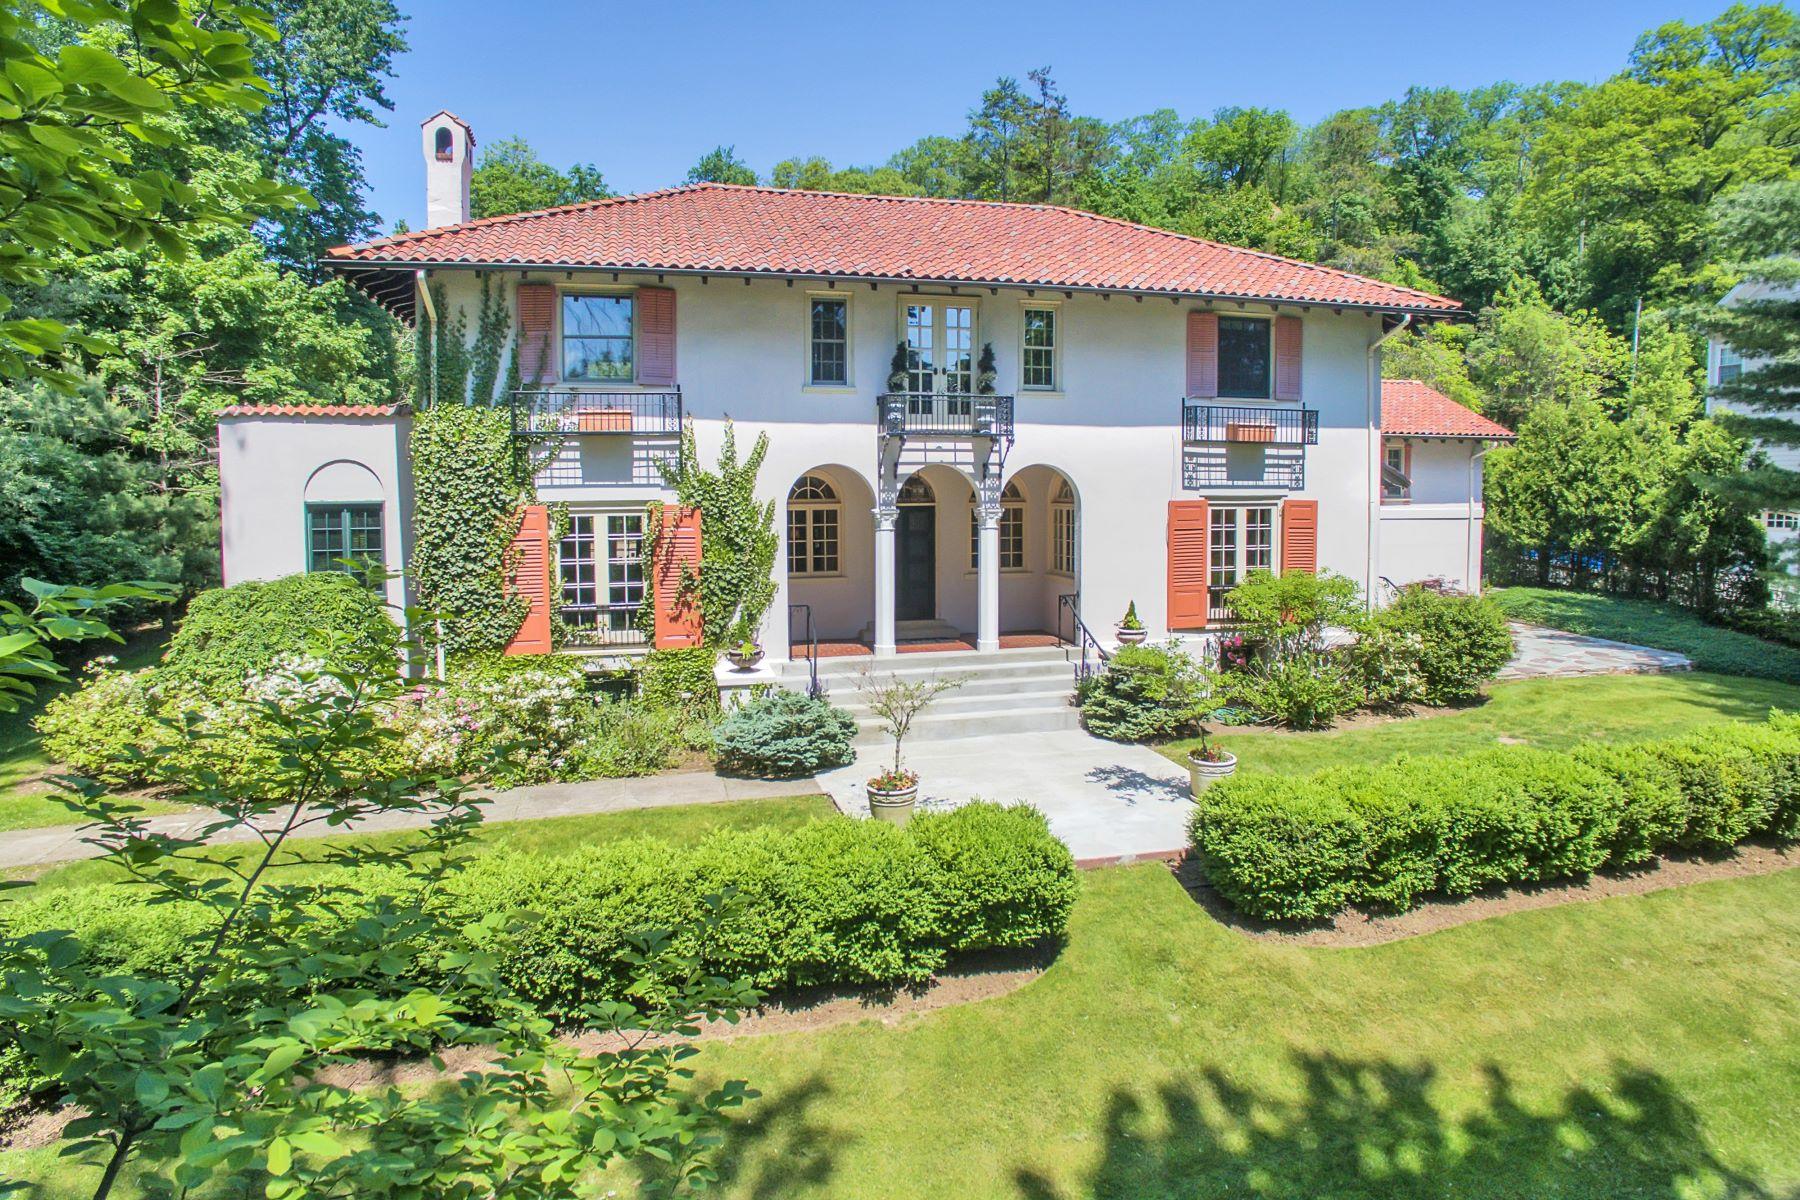 一戸建て のために 売買 アット Sophisticated Mediterranean Inspired Residence 46 Highland Avenue Upper Montclair, ニュージャージー, 07042 アメリカ合衆国